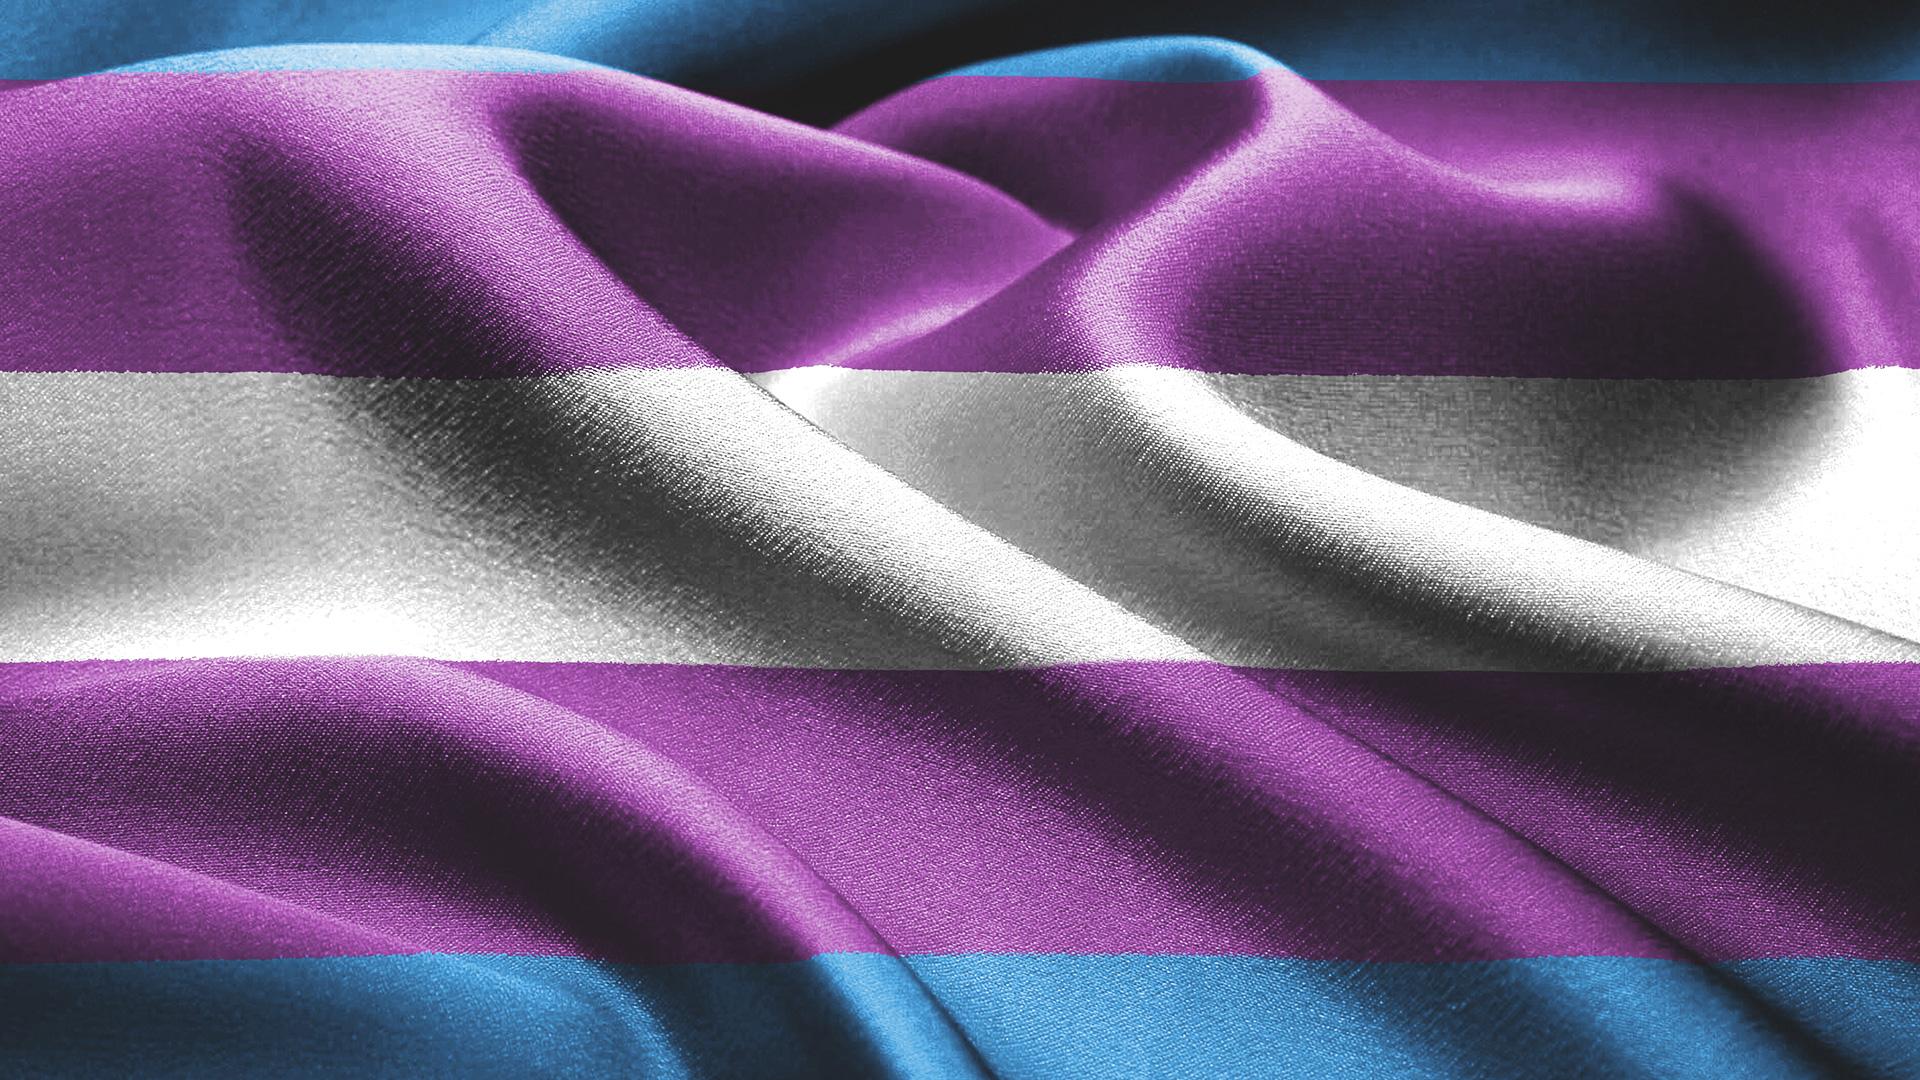 Preston Sprinkle | Understanding Transgenderism – Part 2 | Steve Brown, Etc.